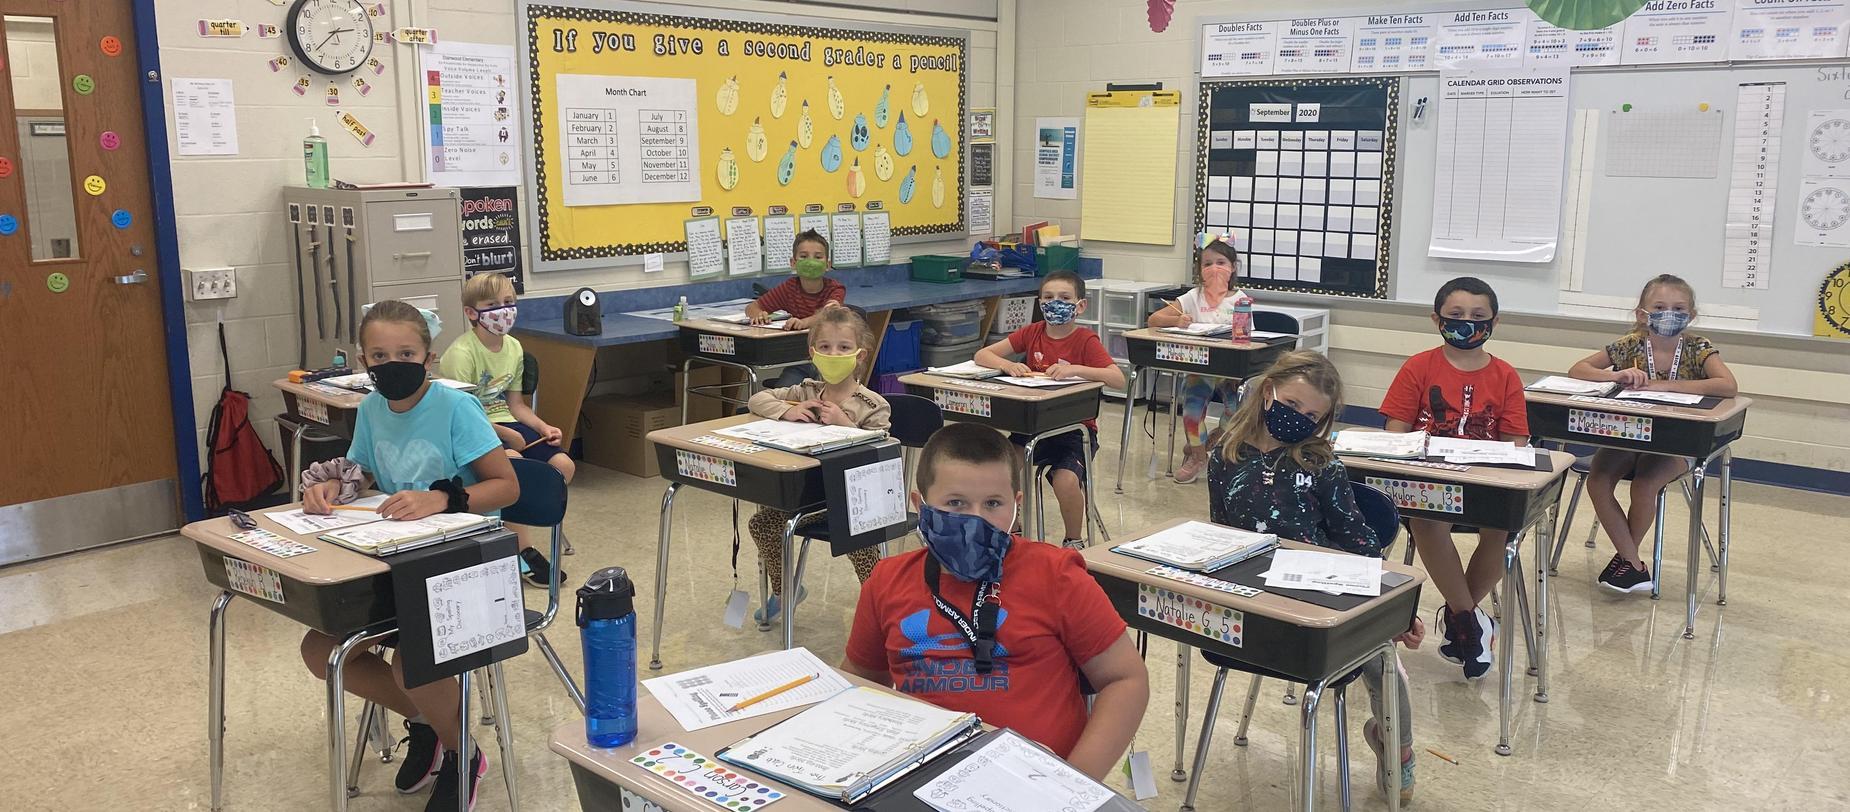 students sitting at desks wearing masks